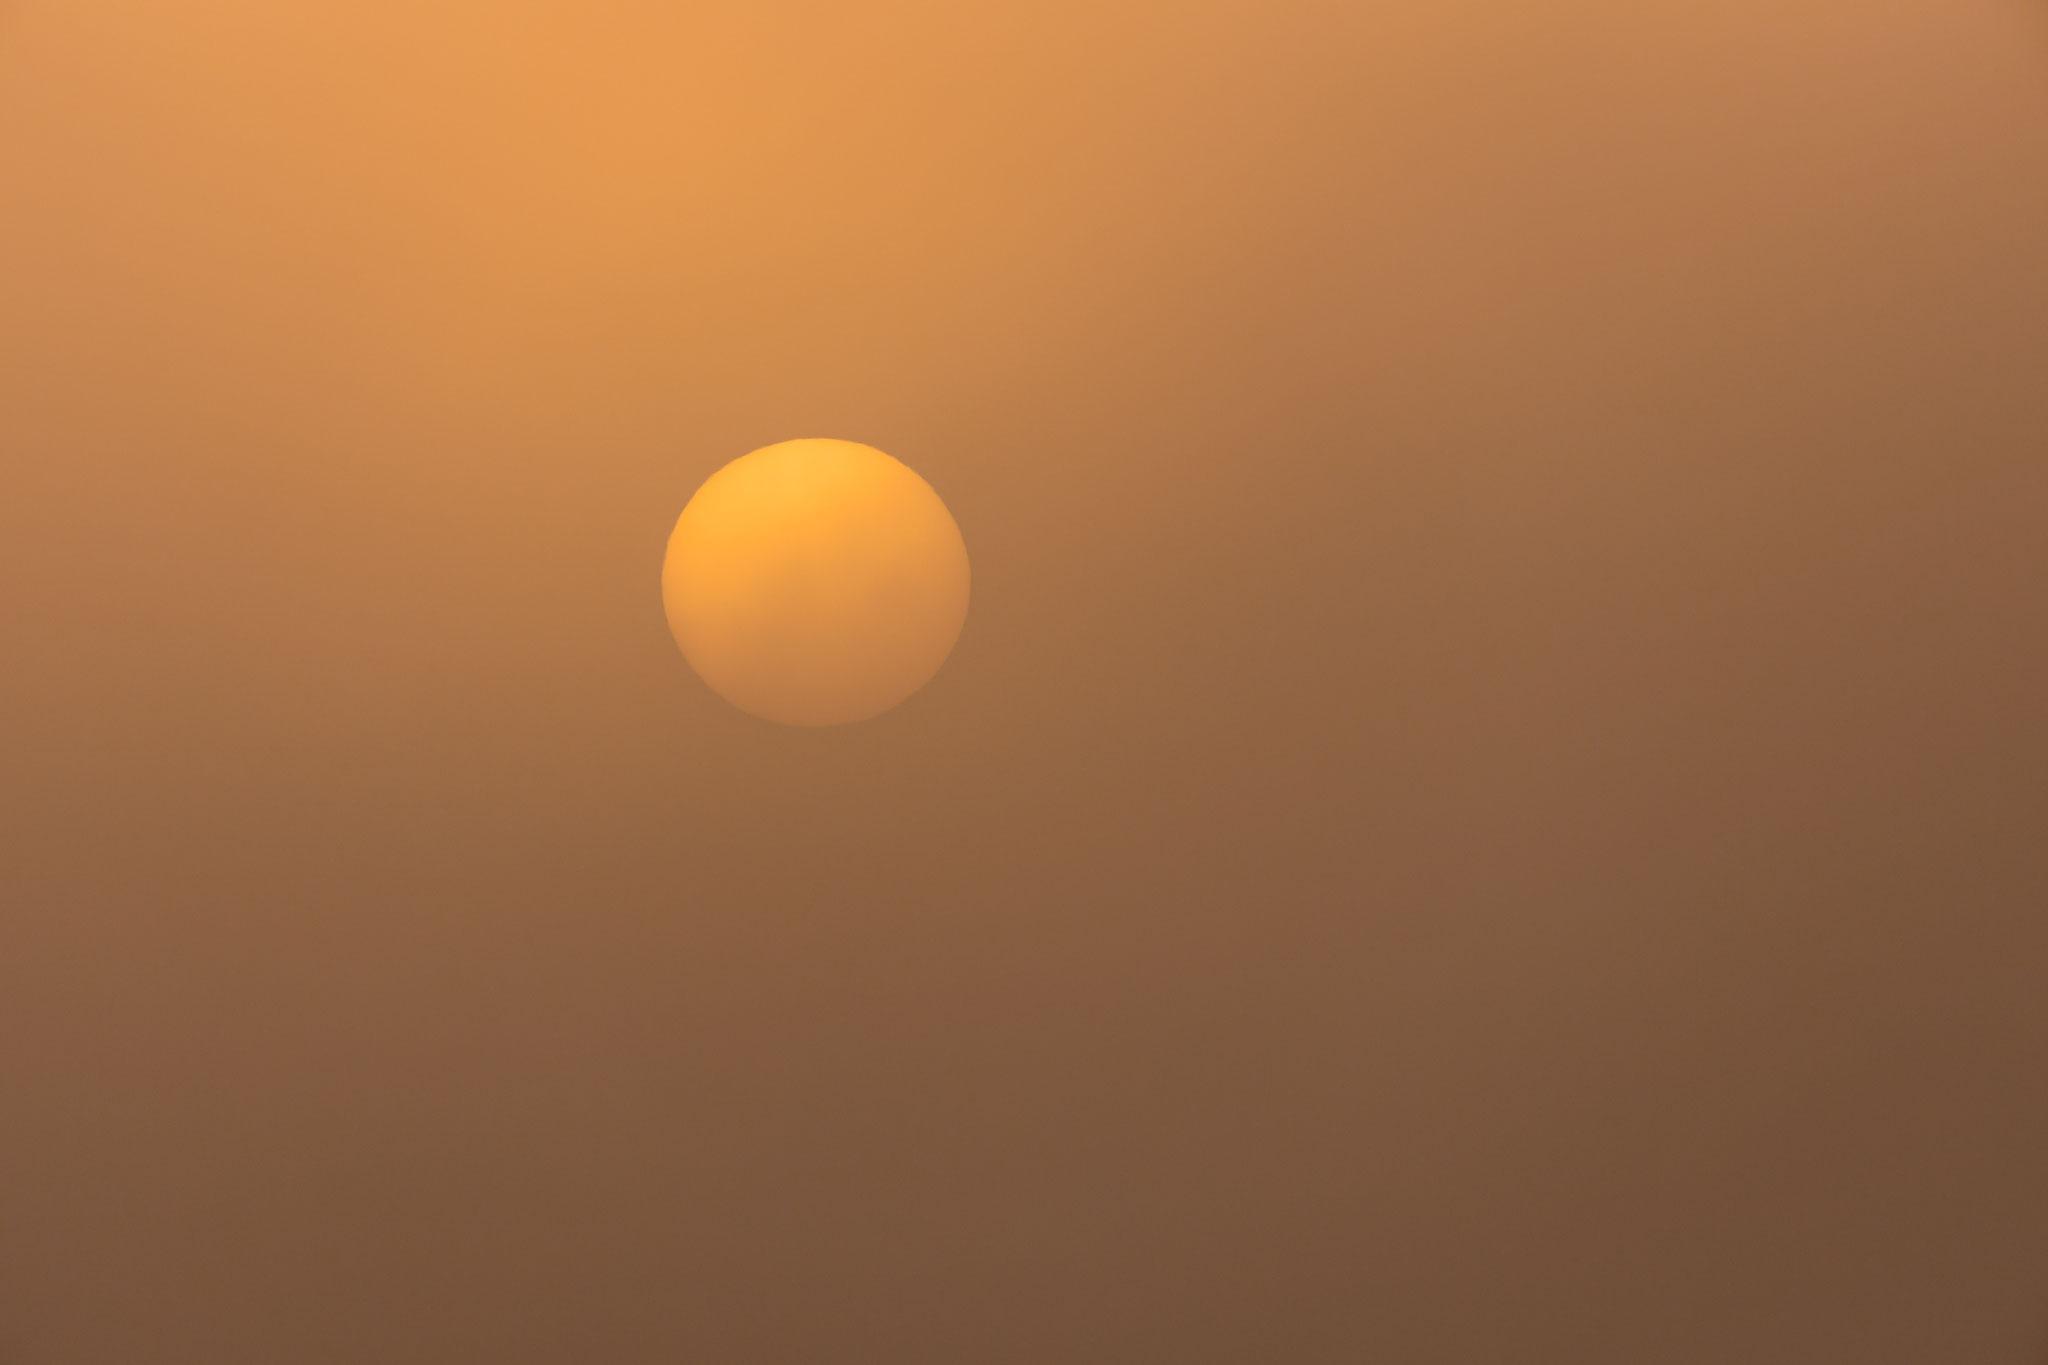 Die Sonne erhebt sich über dem morgendlichen Dunst...